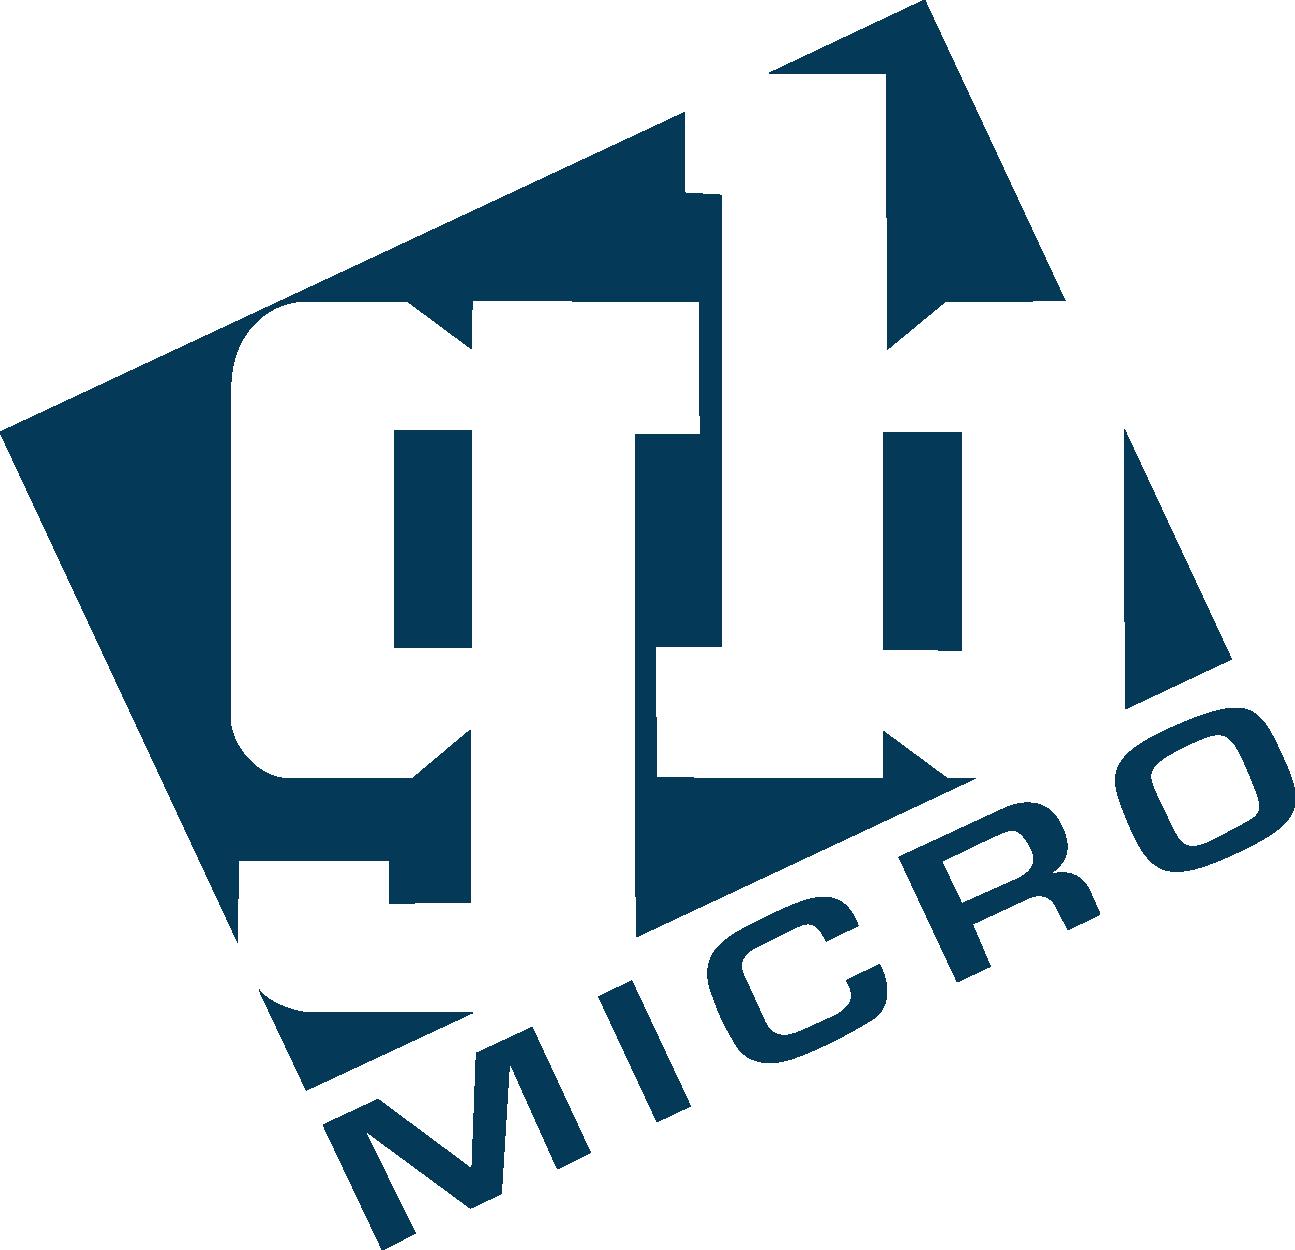 GB Micro